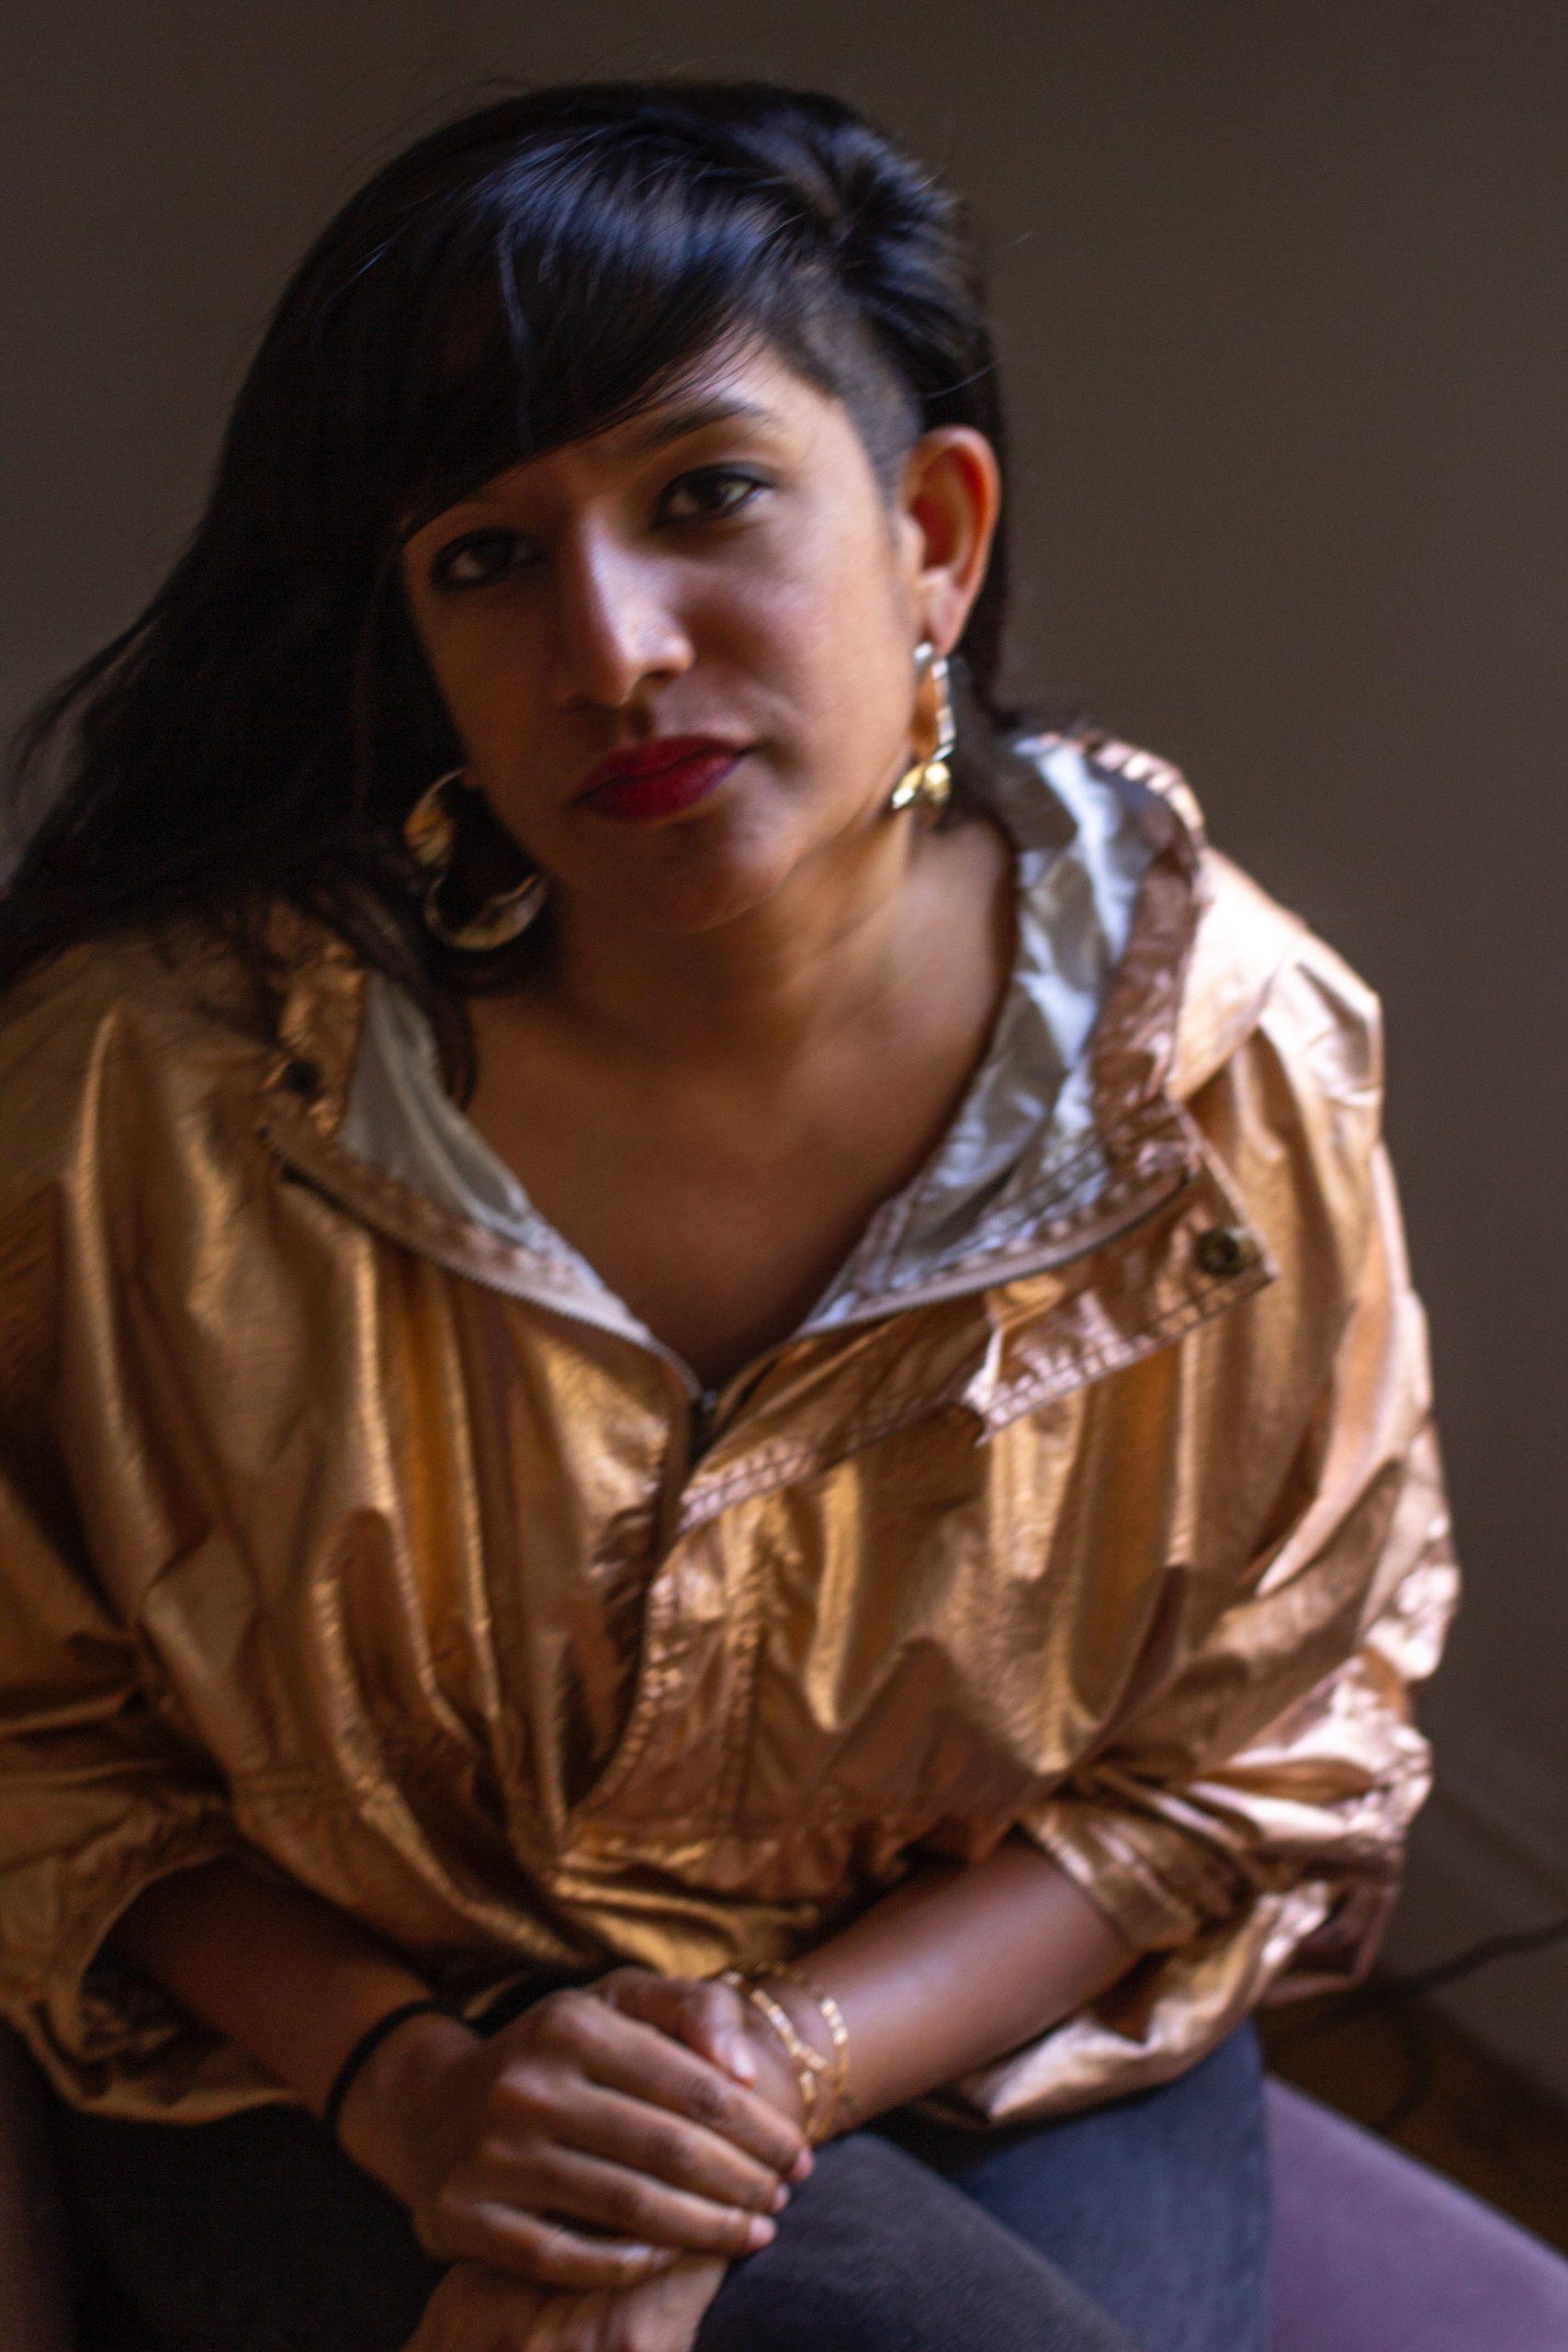 Megan Fernandes